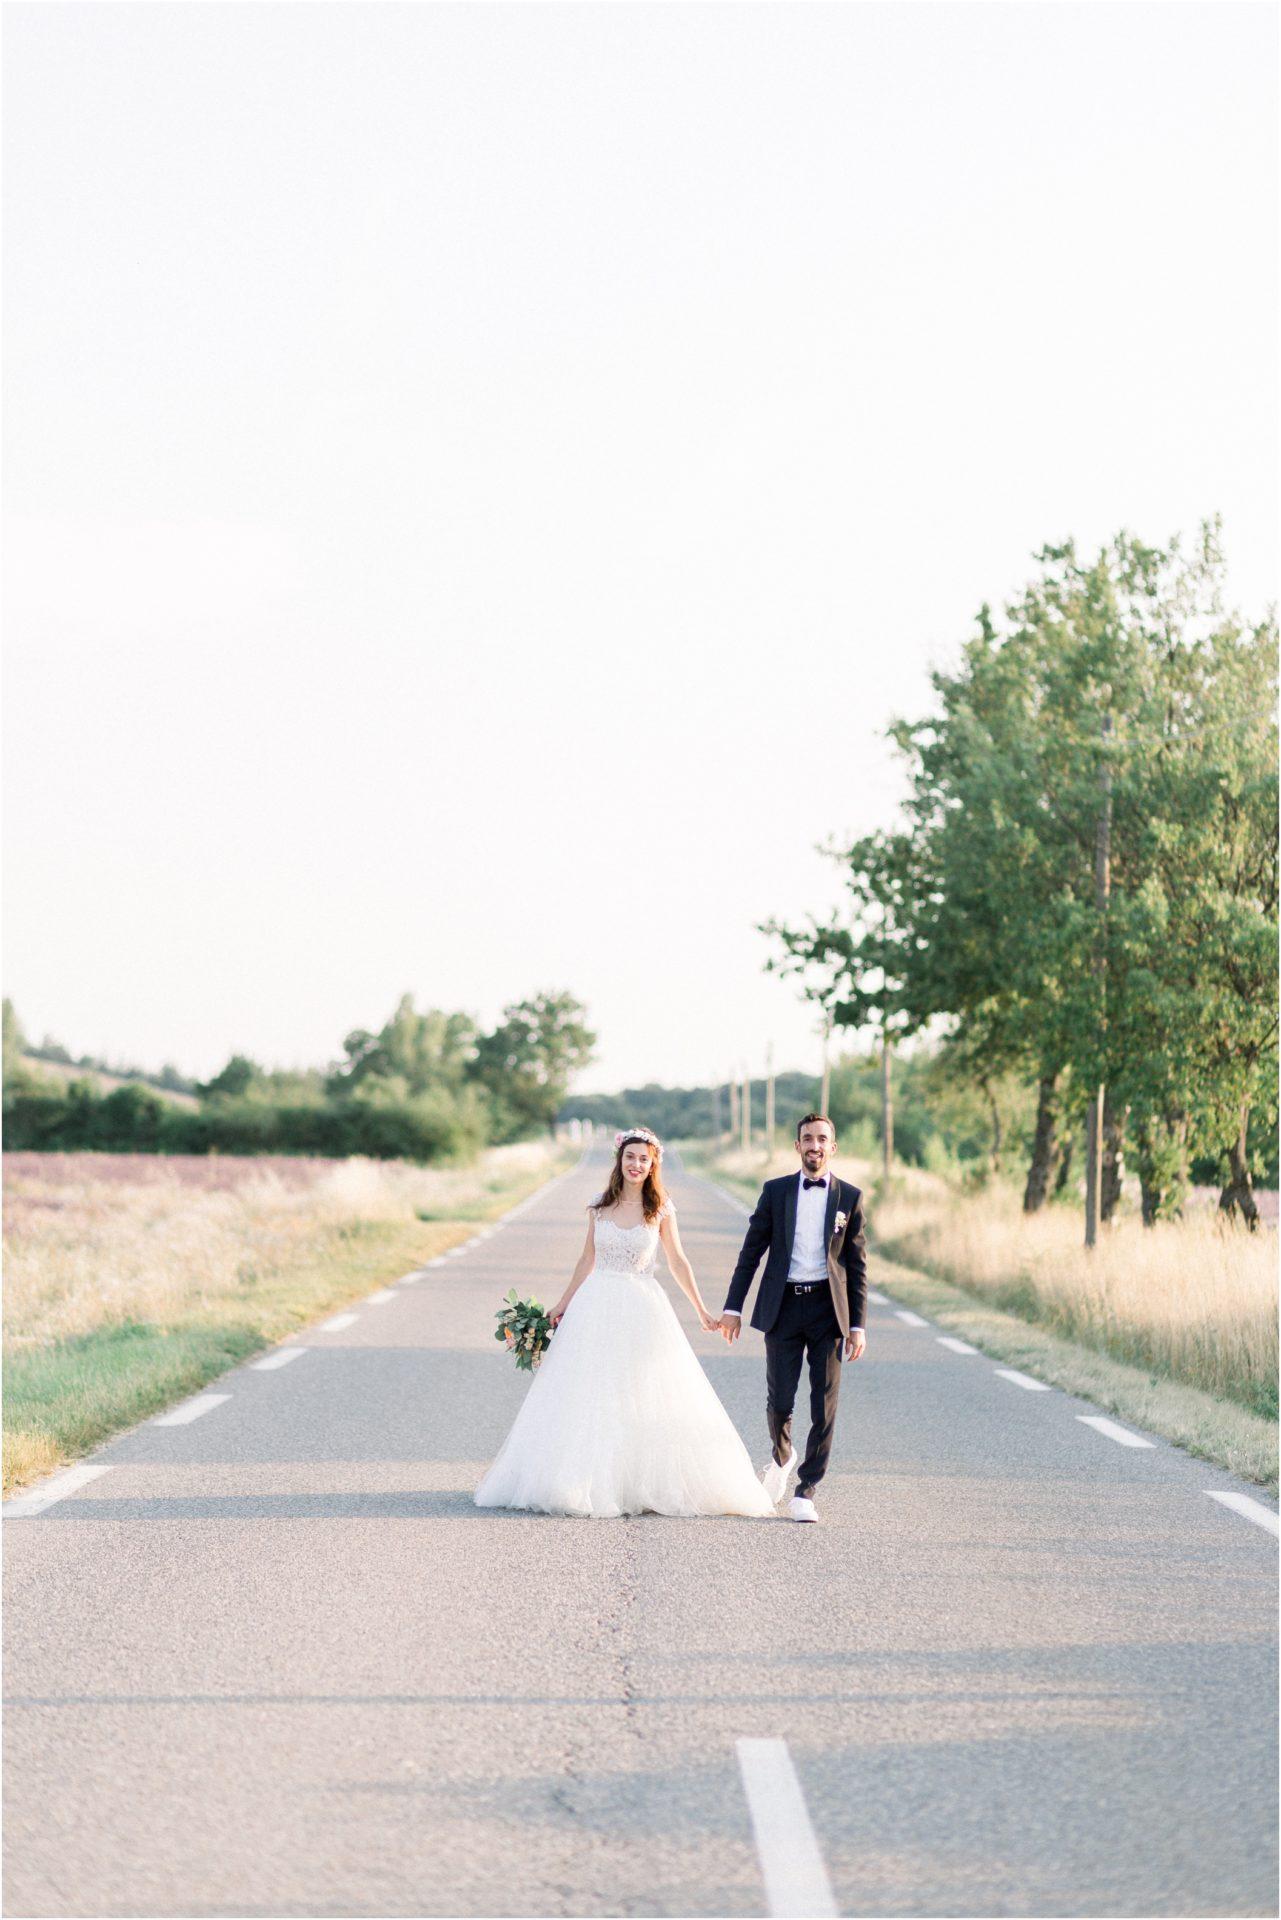 Photo mariage Forcalquier Mariés marchent sur la route